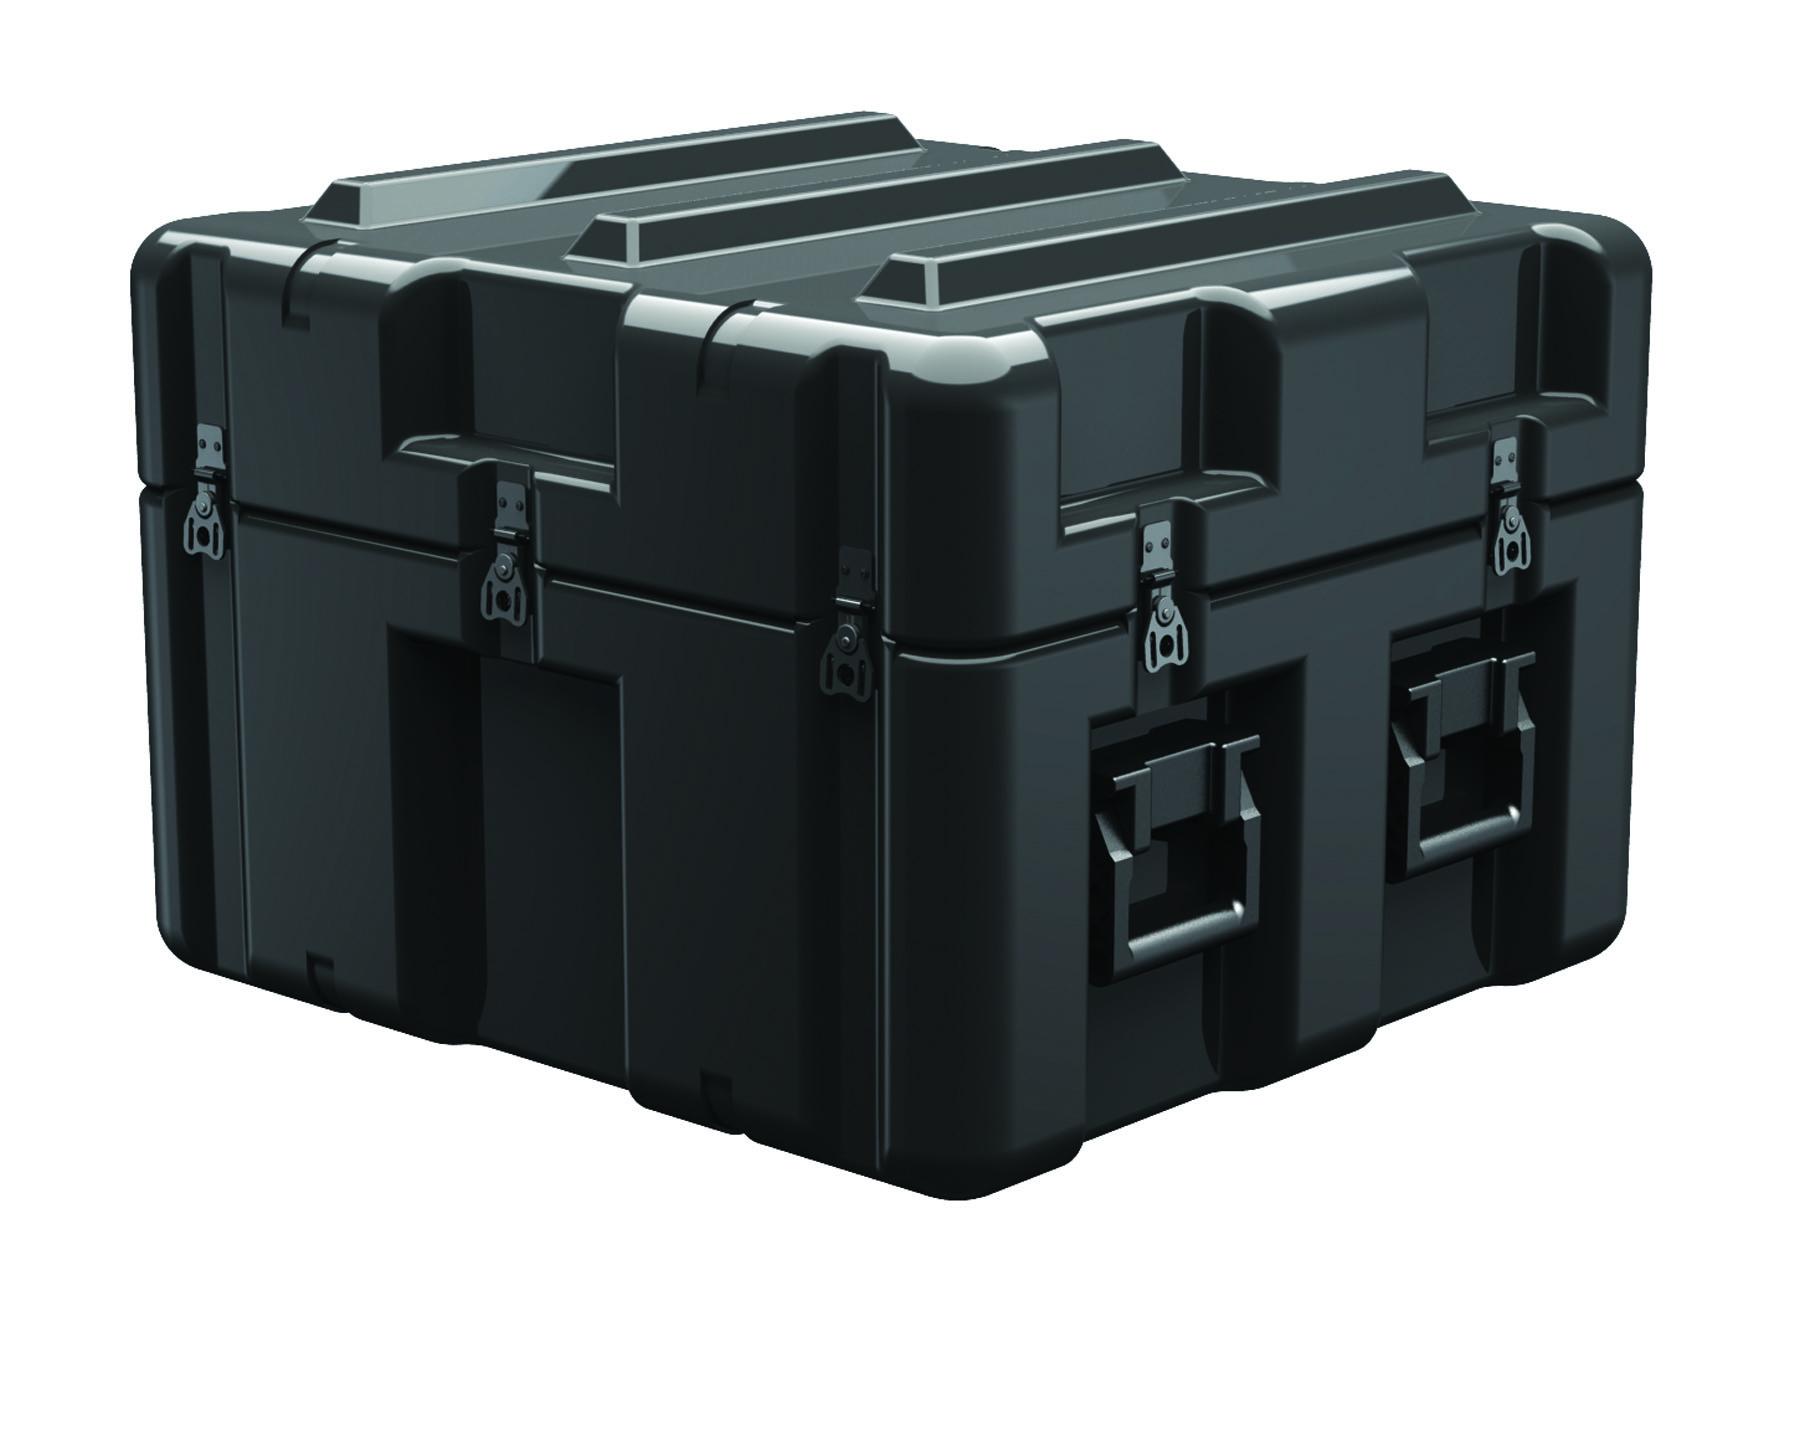 AL2423-1106 - AL2423-1106  Single-Lid Transport Case - CasesTSA